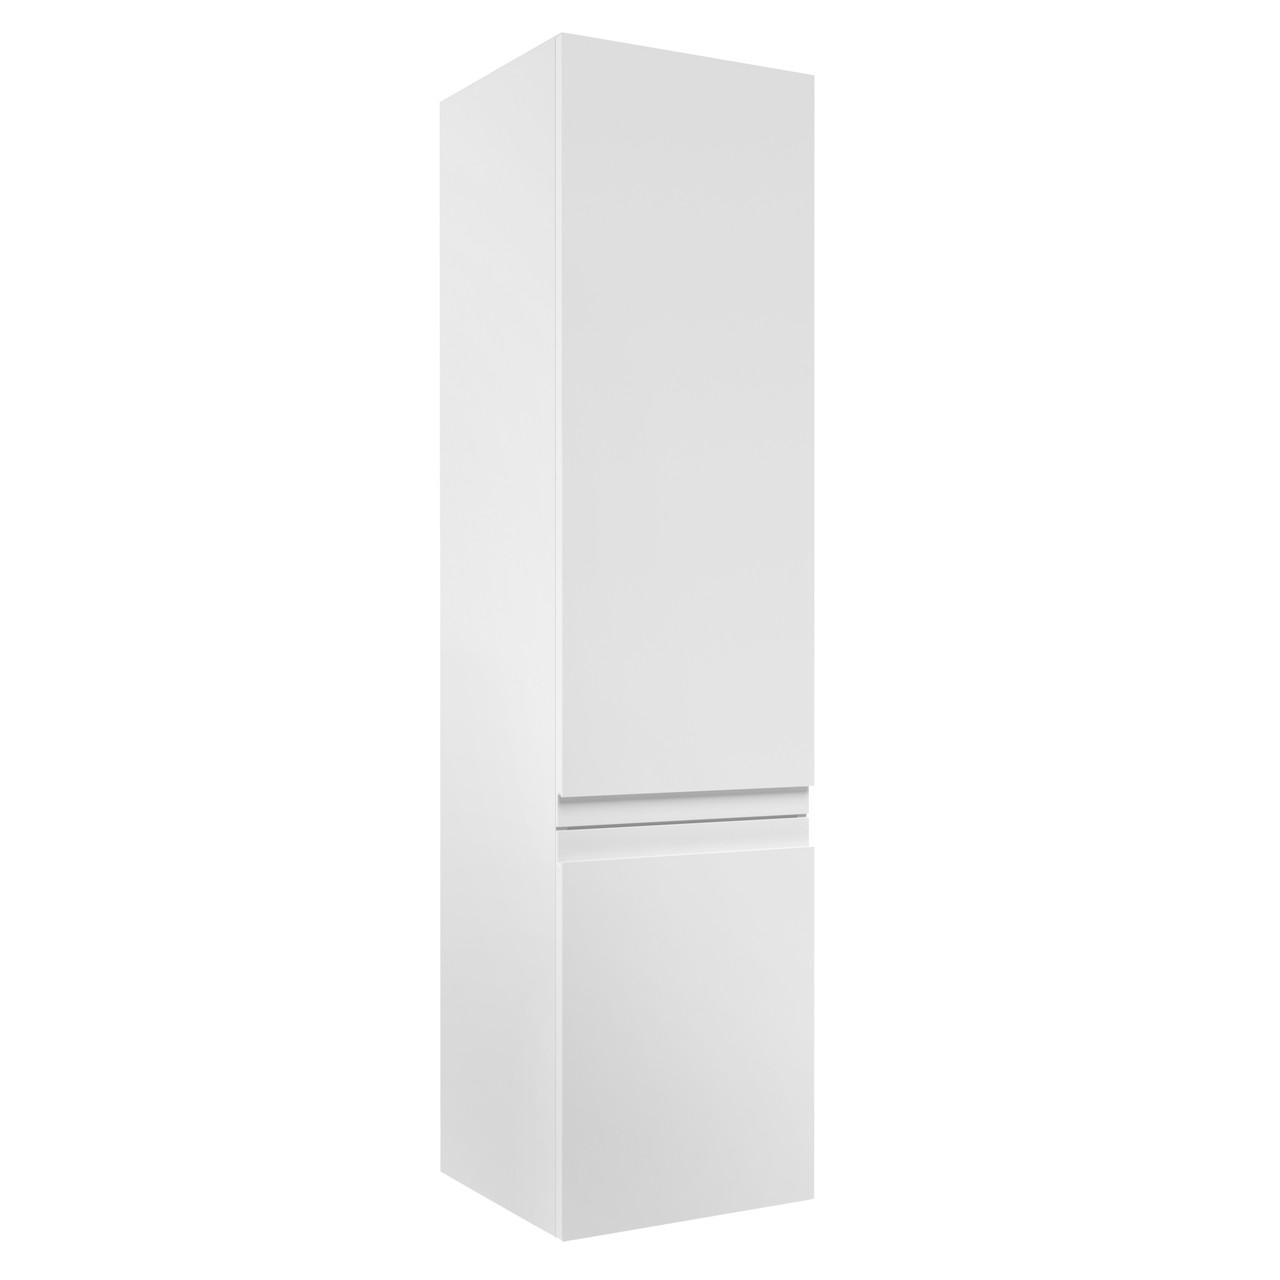 VOLLE LEON пенал 139*35*35см, подвесной, белый